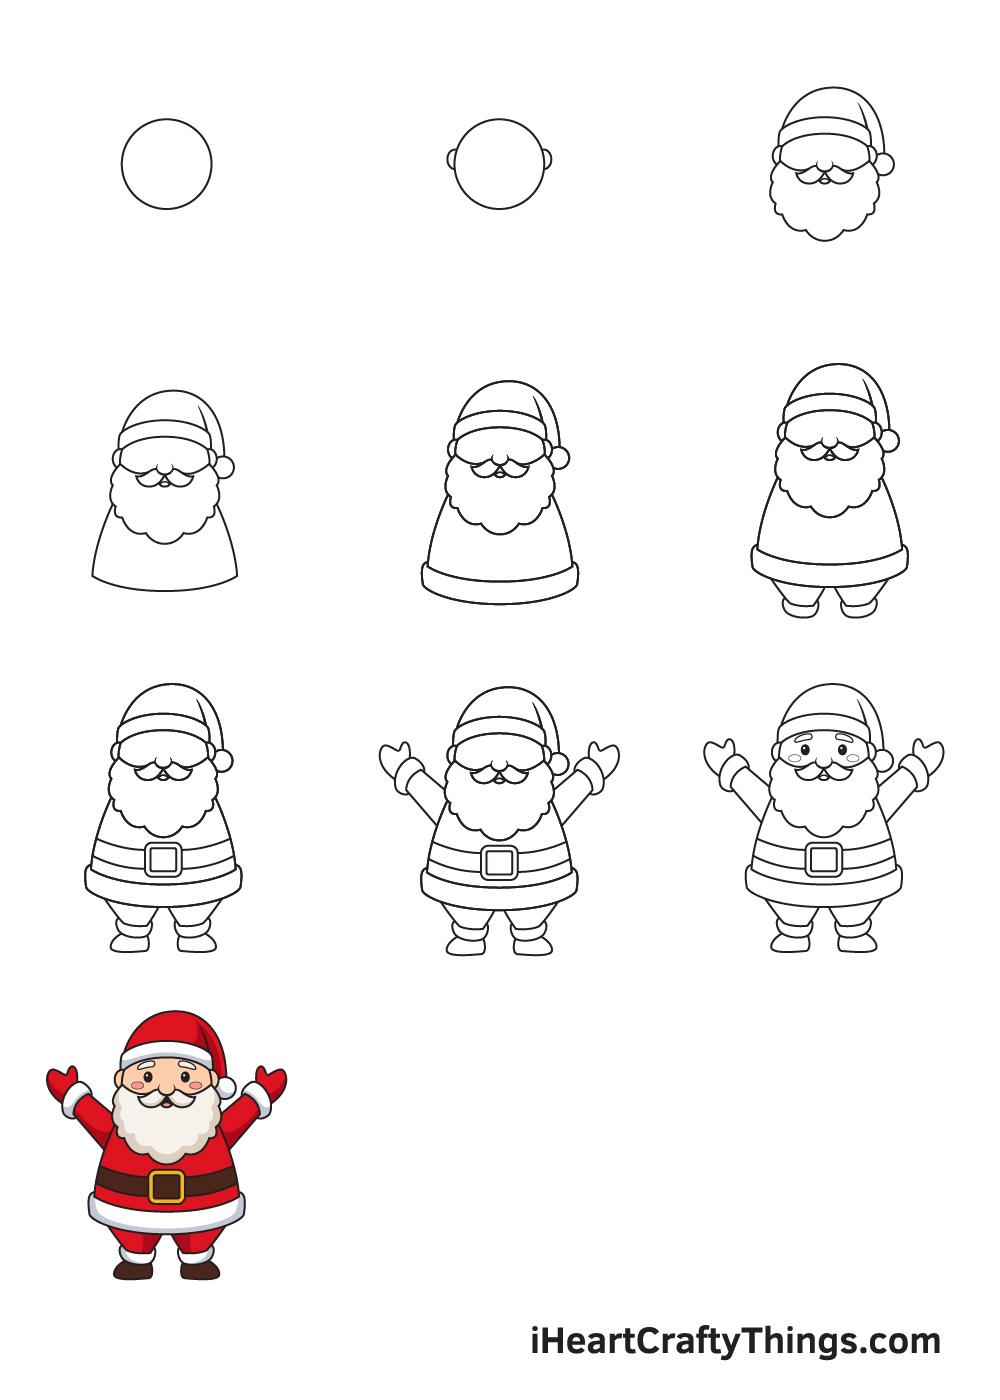 Santa Claus Drawing – Step1